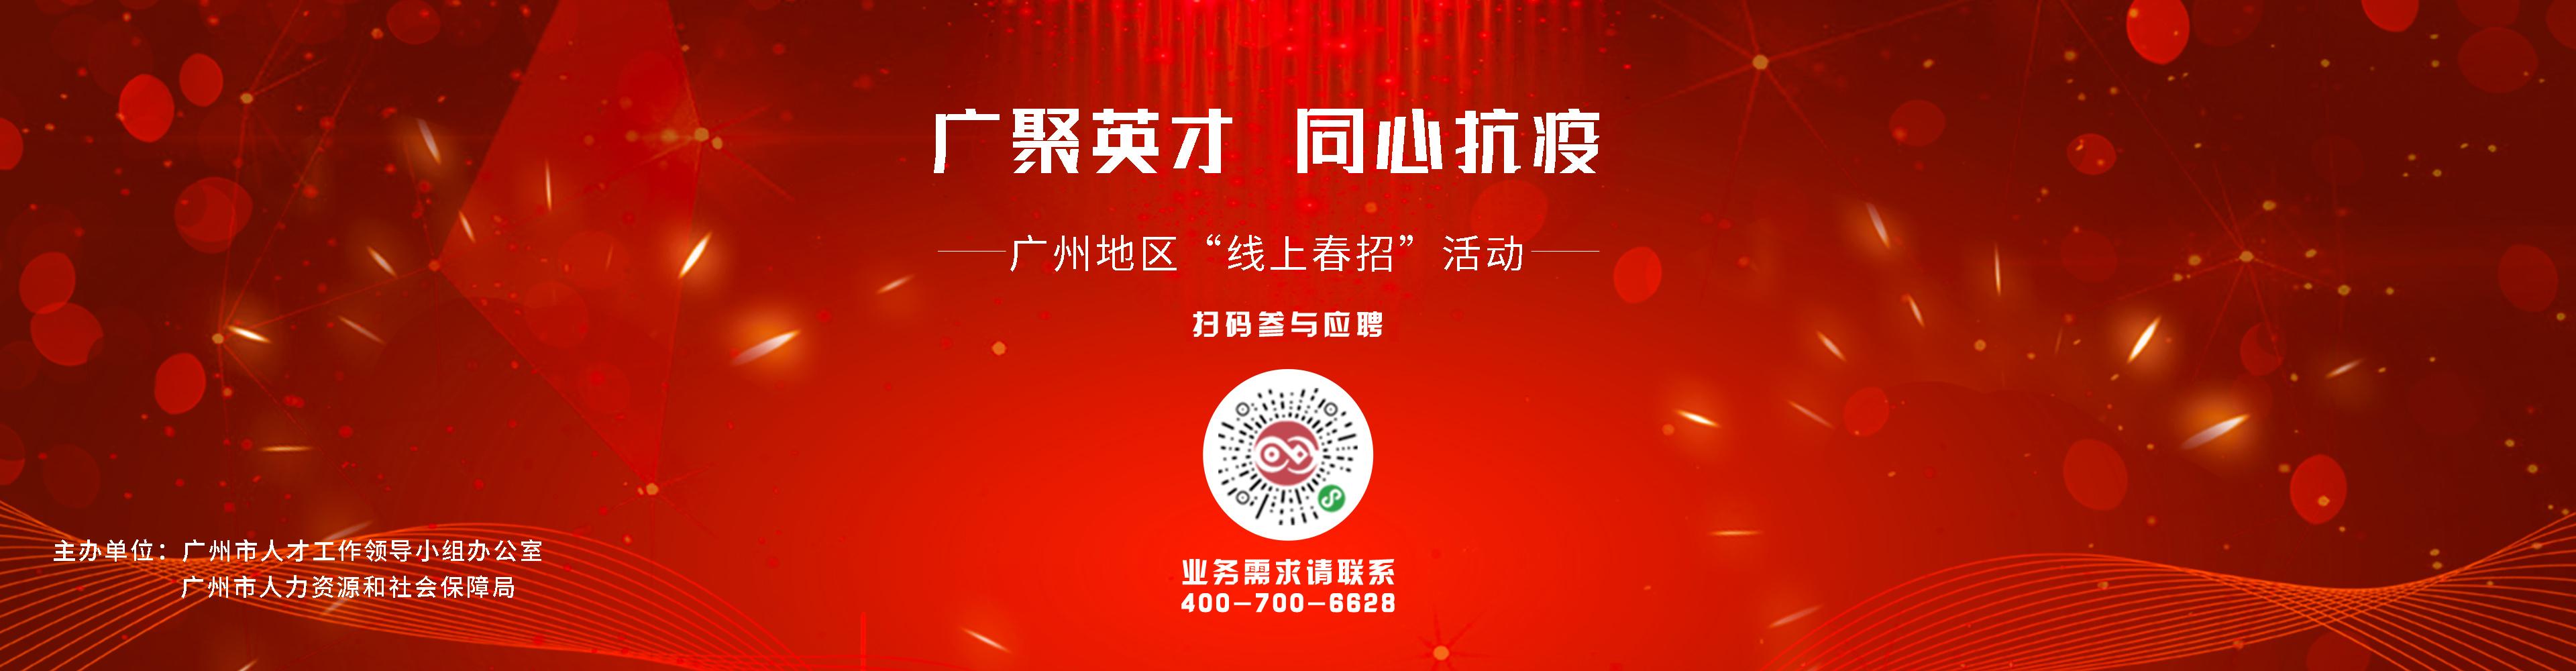 紅色商務背景——春招官網